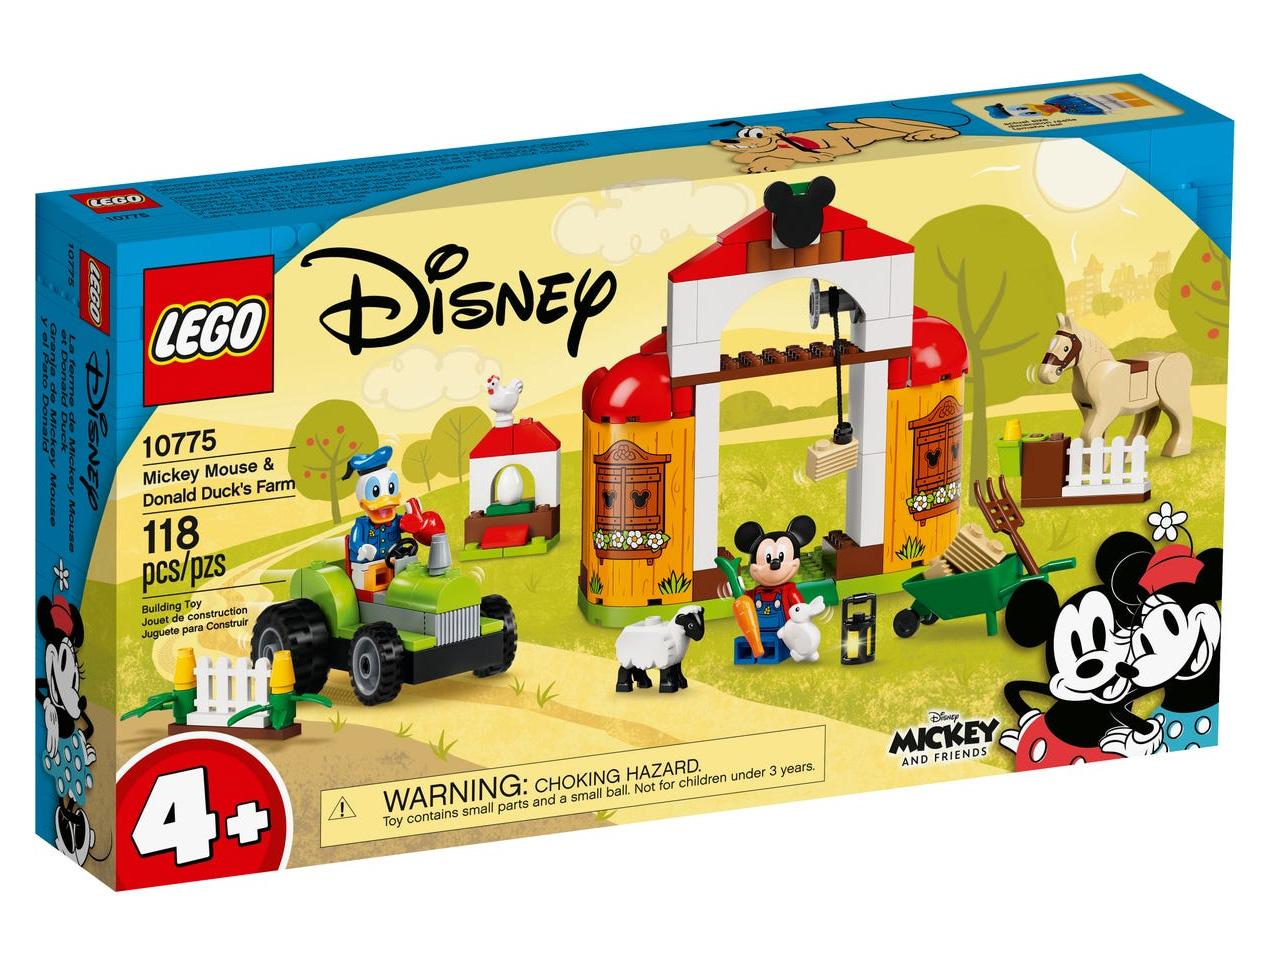 レゴ(LEGO) ディズニー ミッキーとドナルドの農場 10775